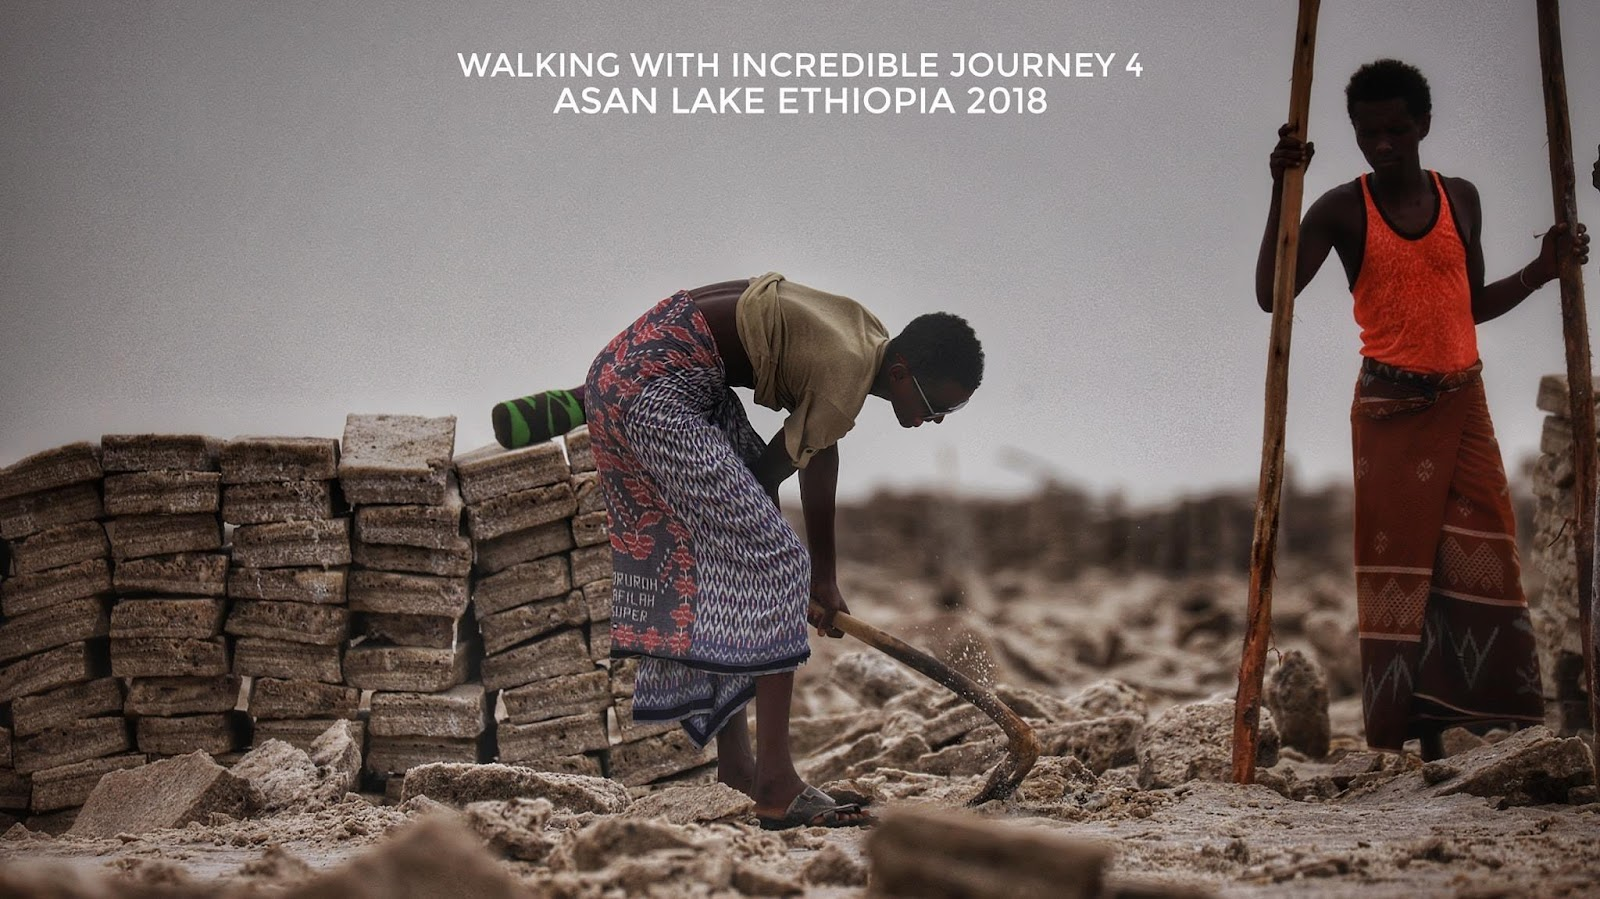 อาฟาร์ : คนแดนเดือด แห่งเอธิโอเปีย